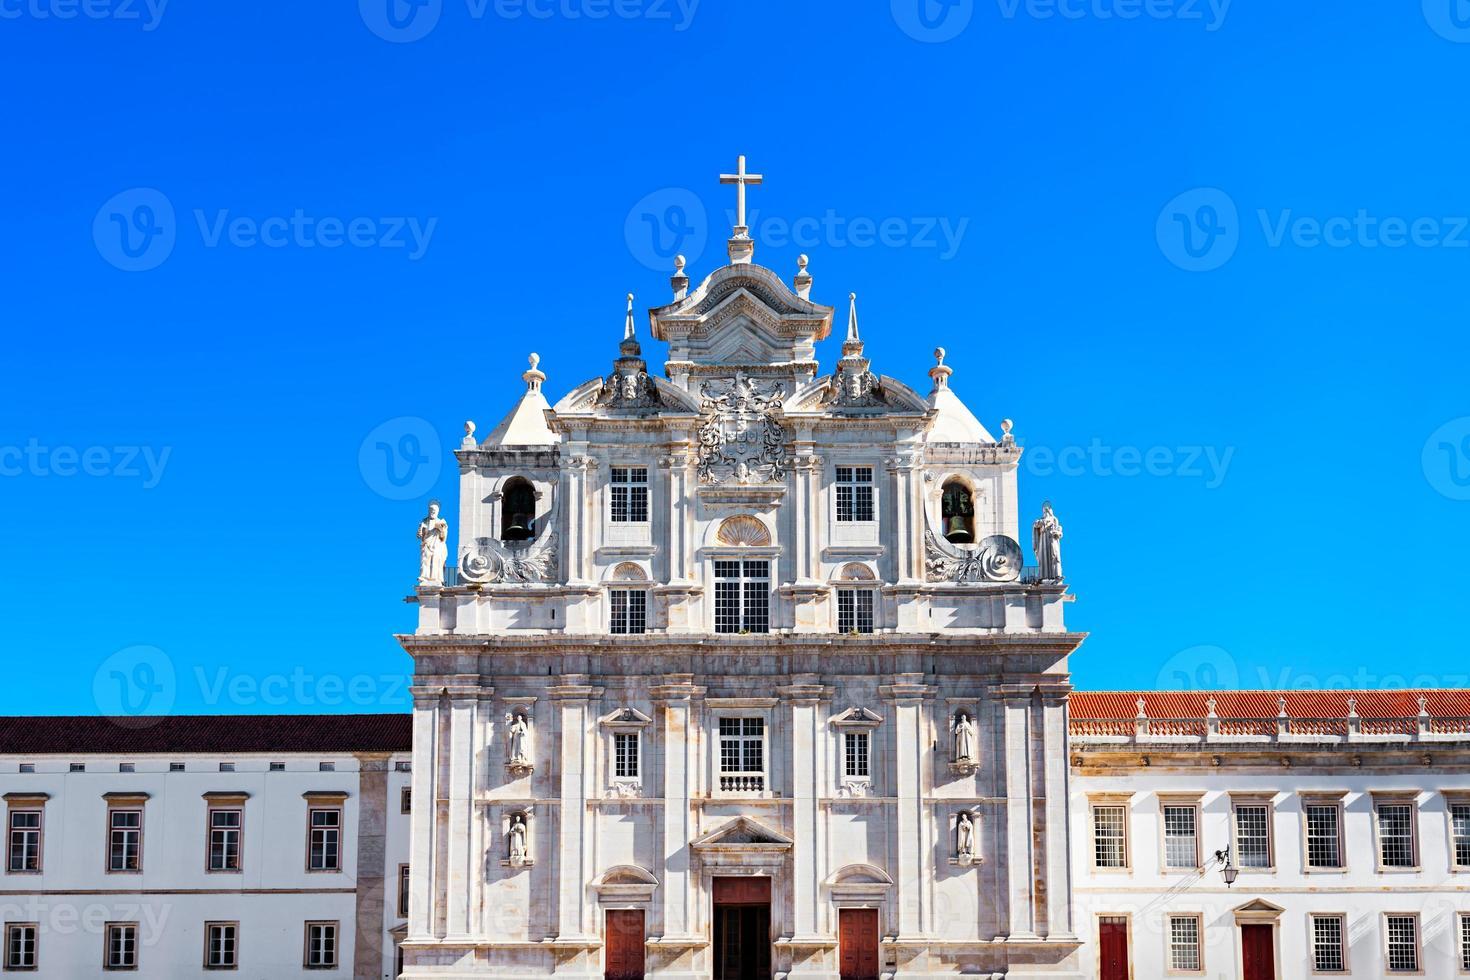 la nuova cattedrale foto